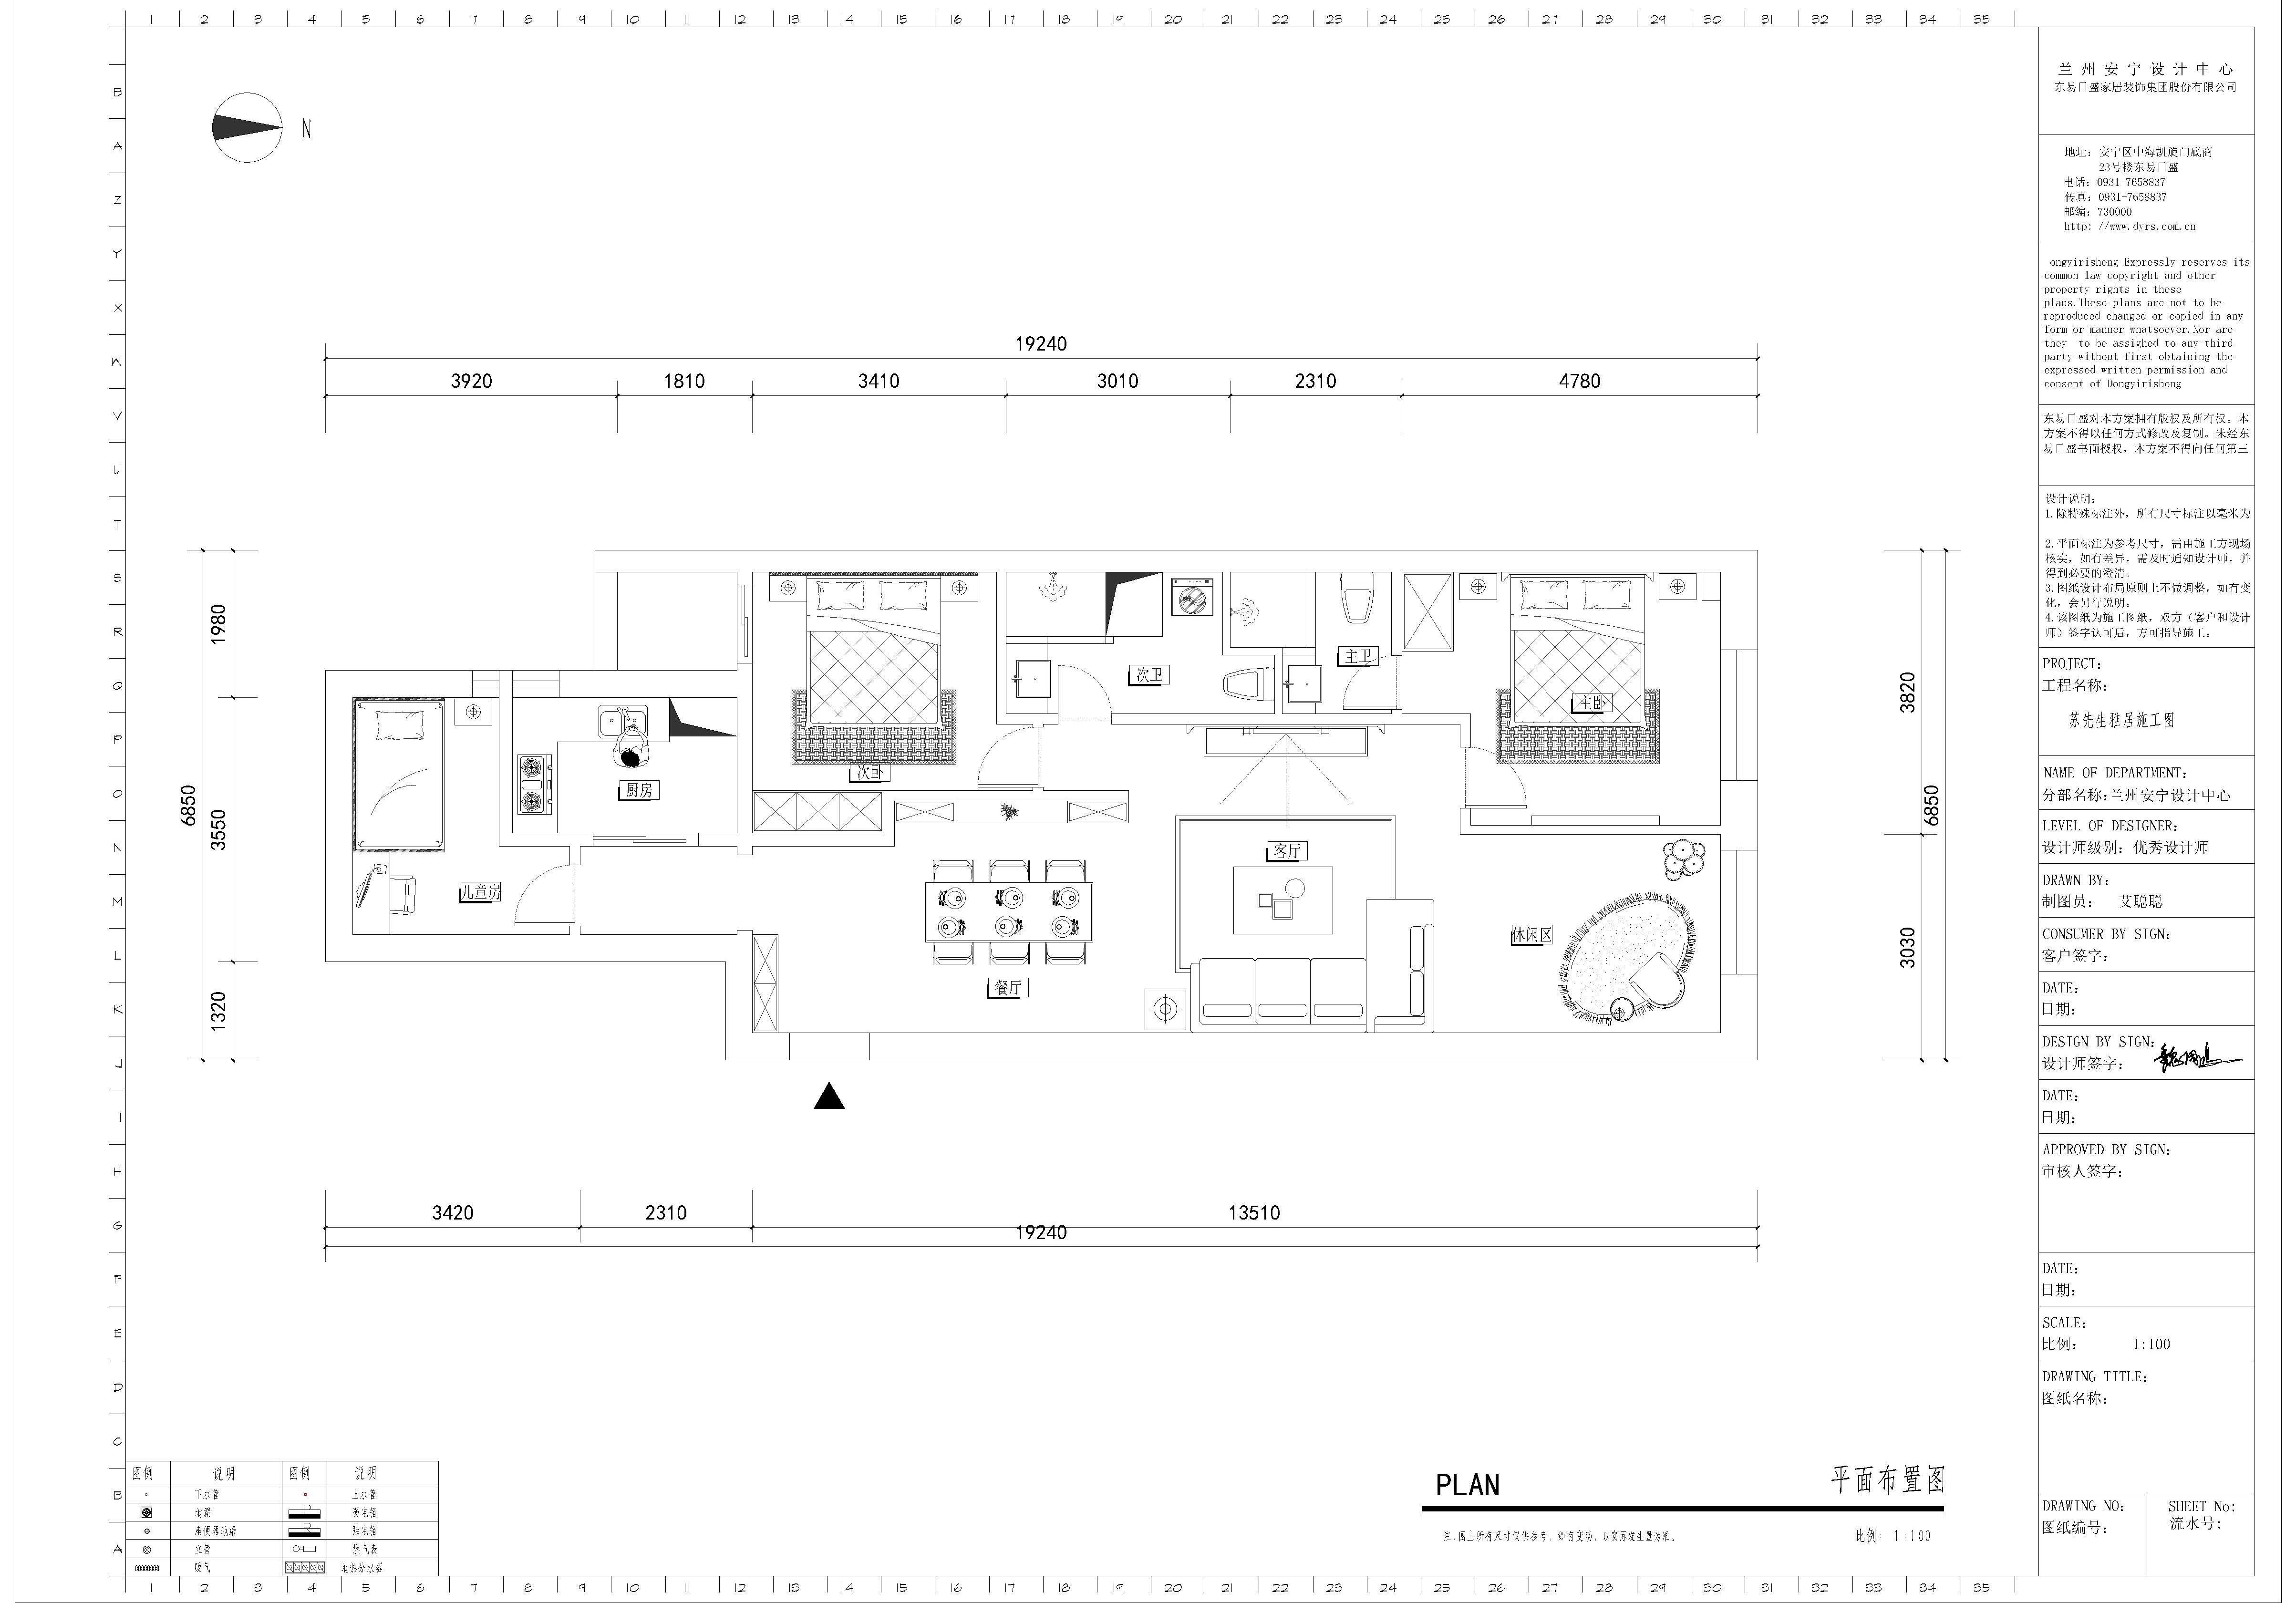 兰公馆-150平米-简约美式风格装修案例效果图装修设计理念